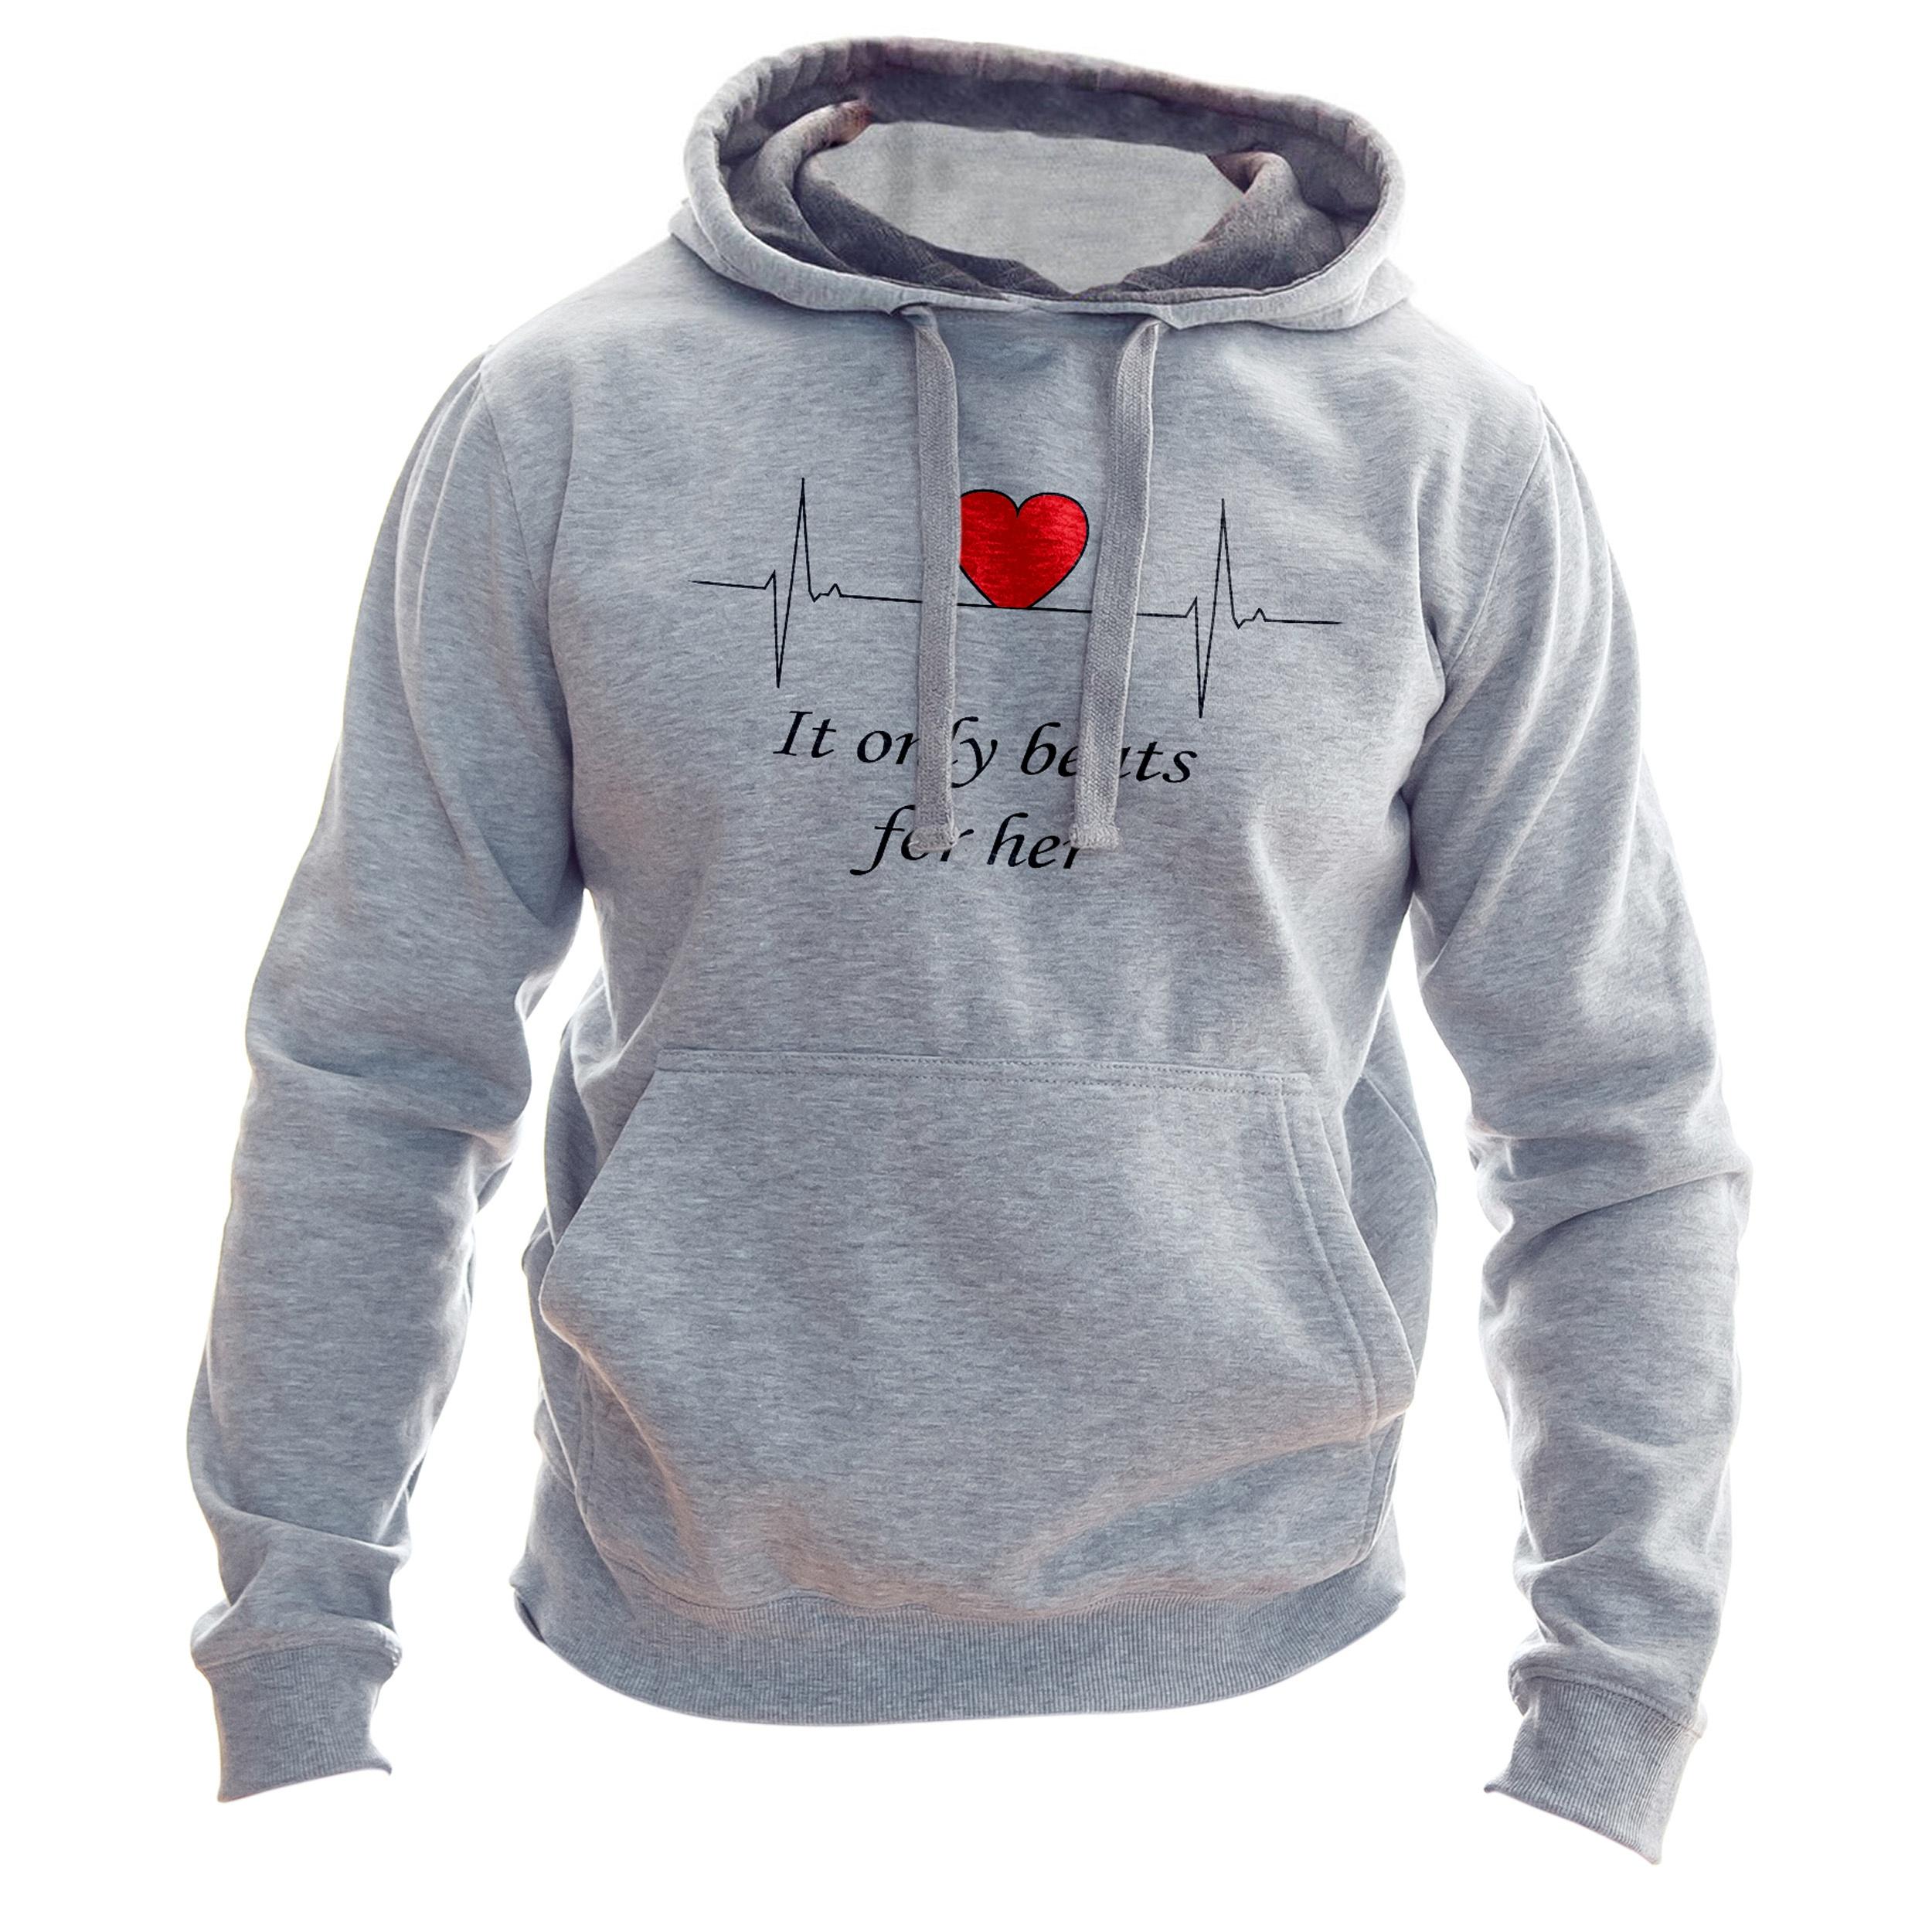 هودی مردانه به رسم طرح ضربان قلب کد 174